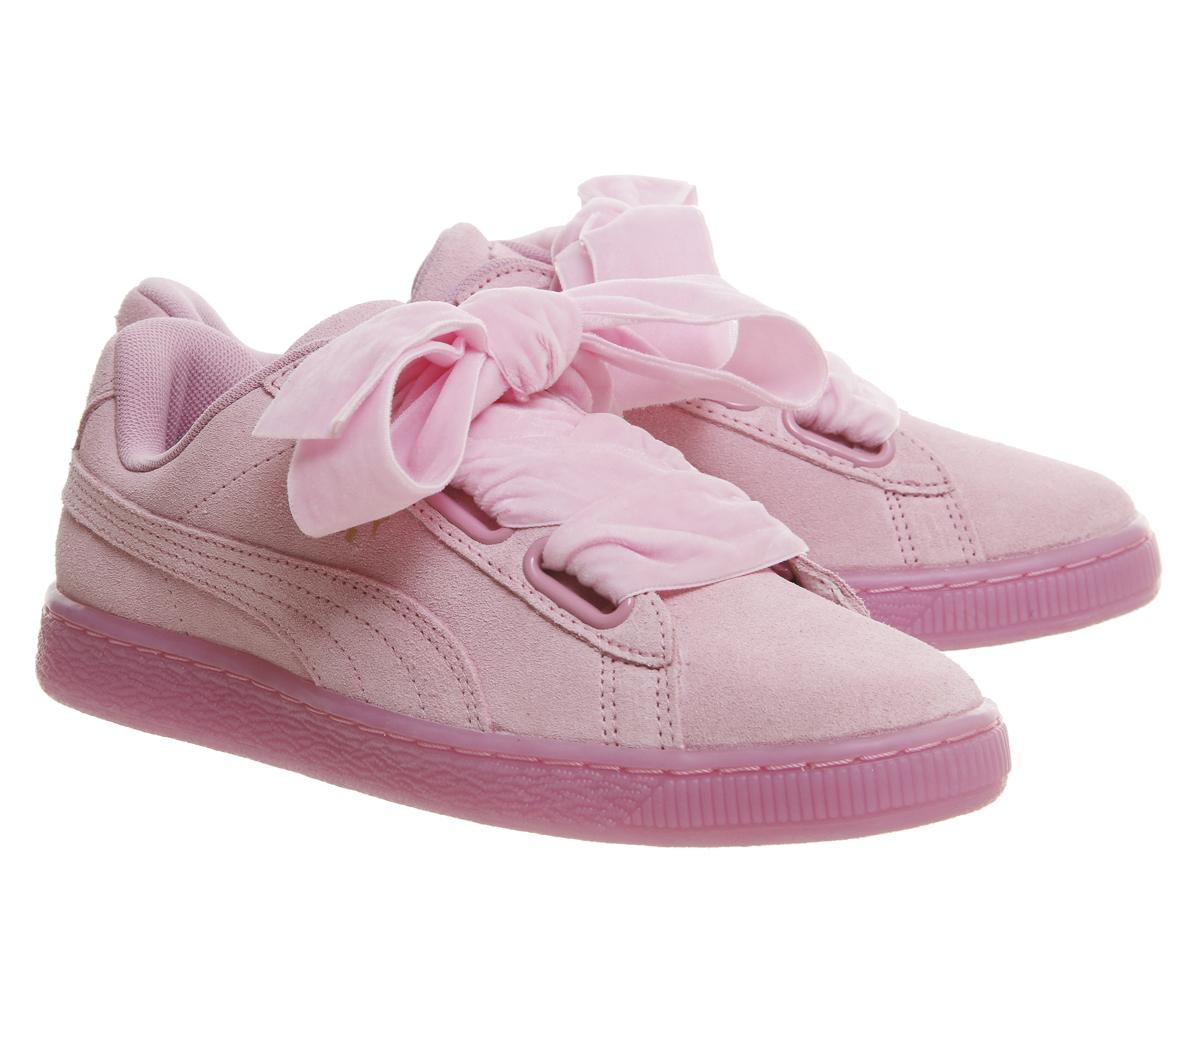 scarpe donna puma sportive